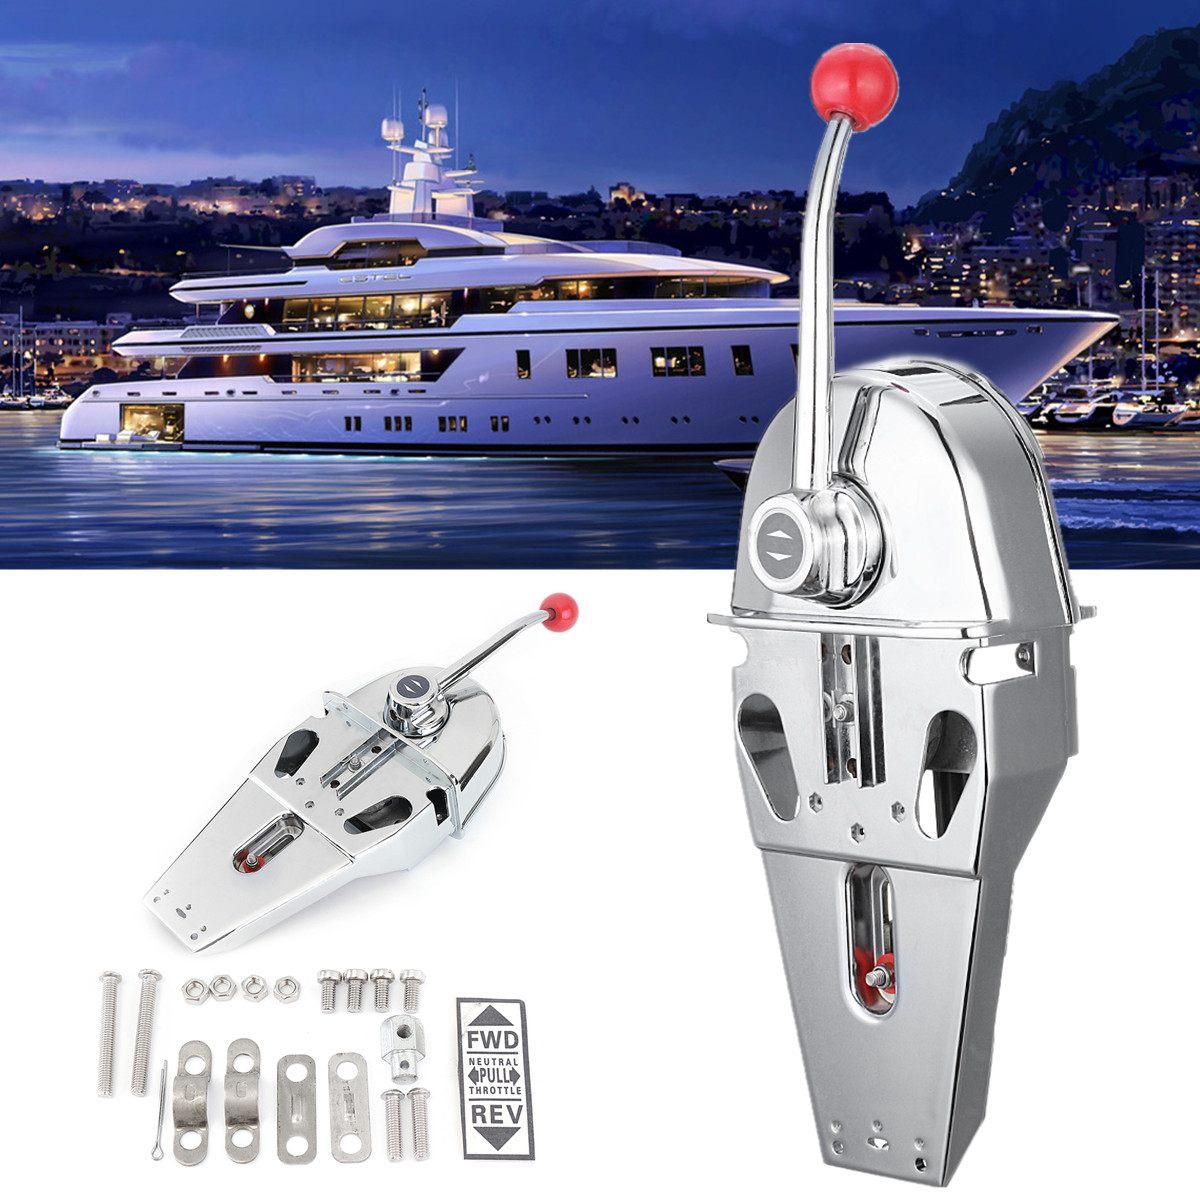 Punho caixa de controle do motor montagem superior 316 aço inoxidável barco marinho única alavanca dupla ação built-in fricção 45.5x15x12cm